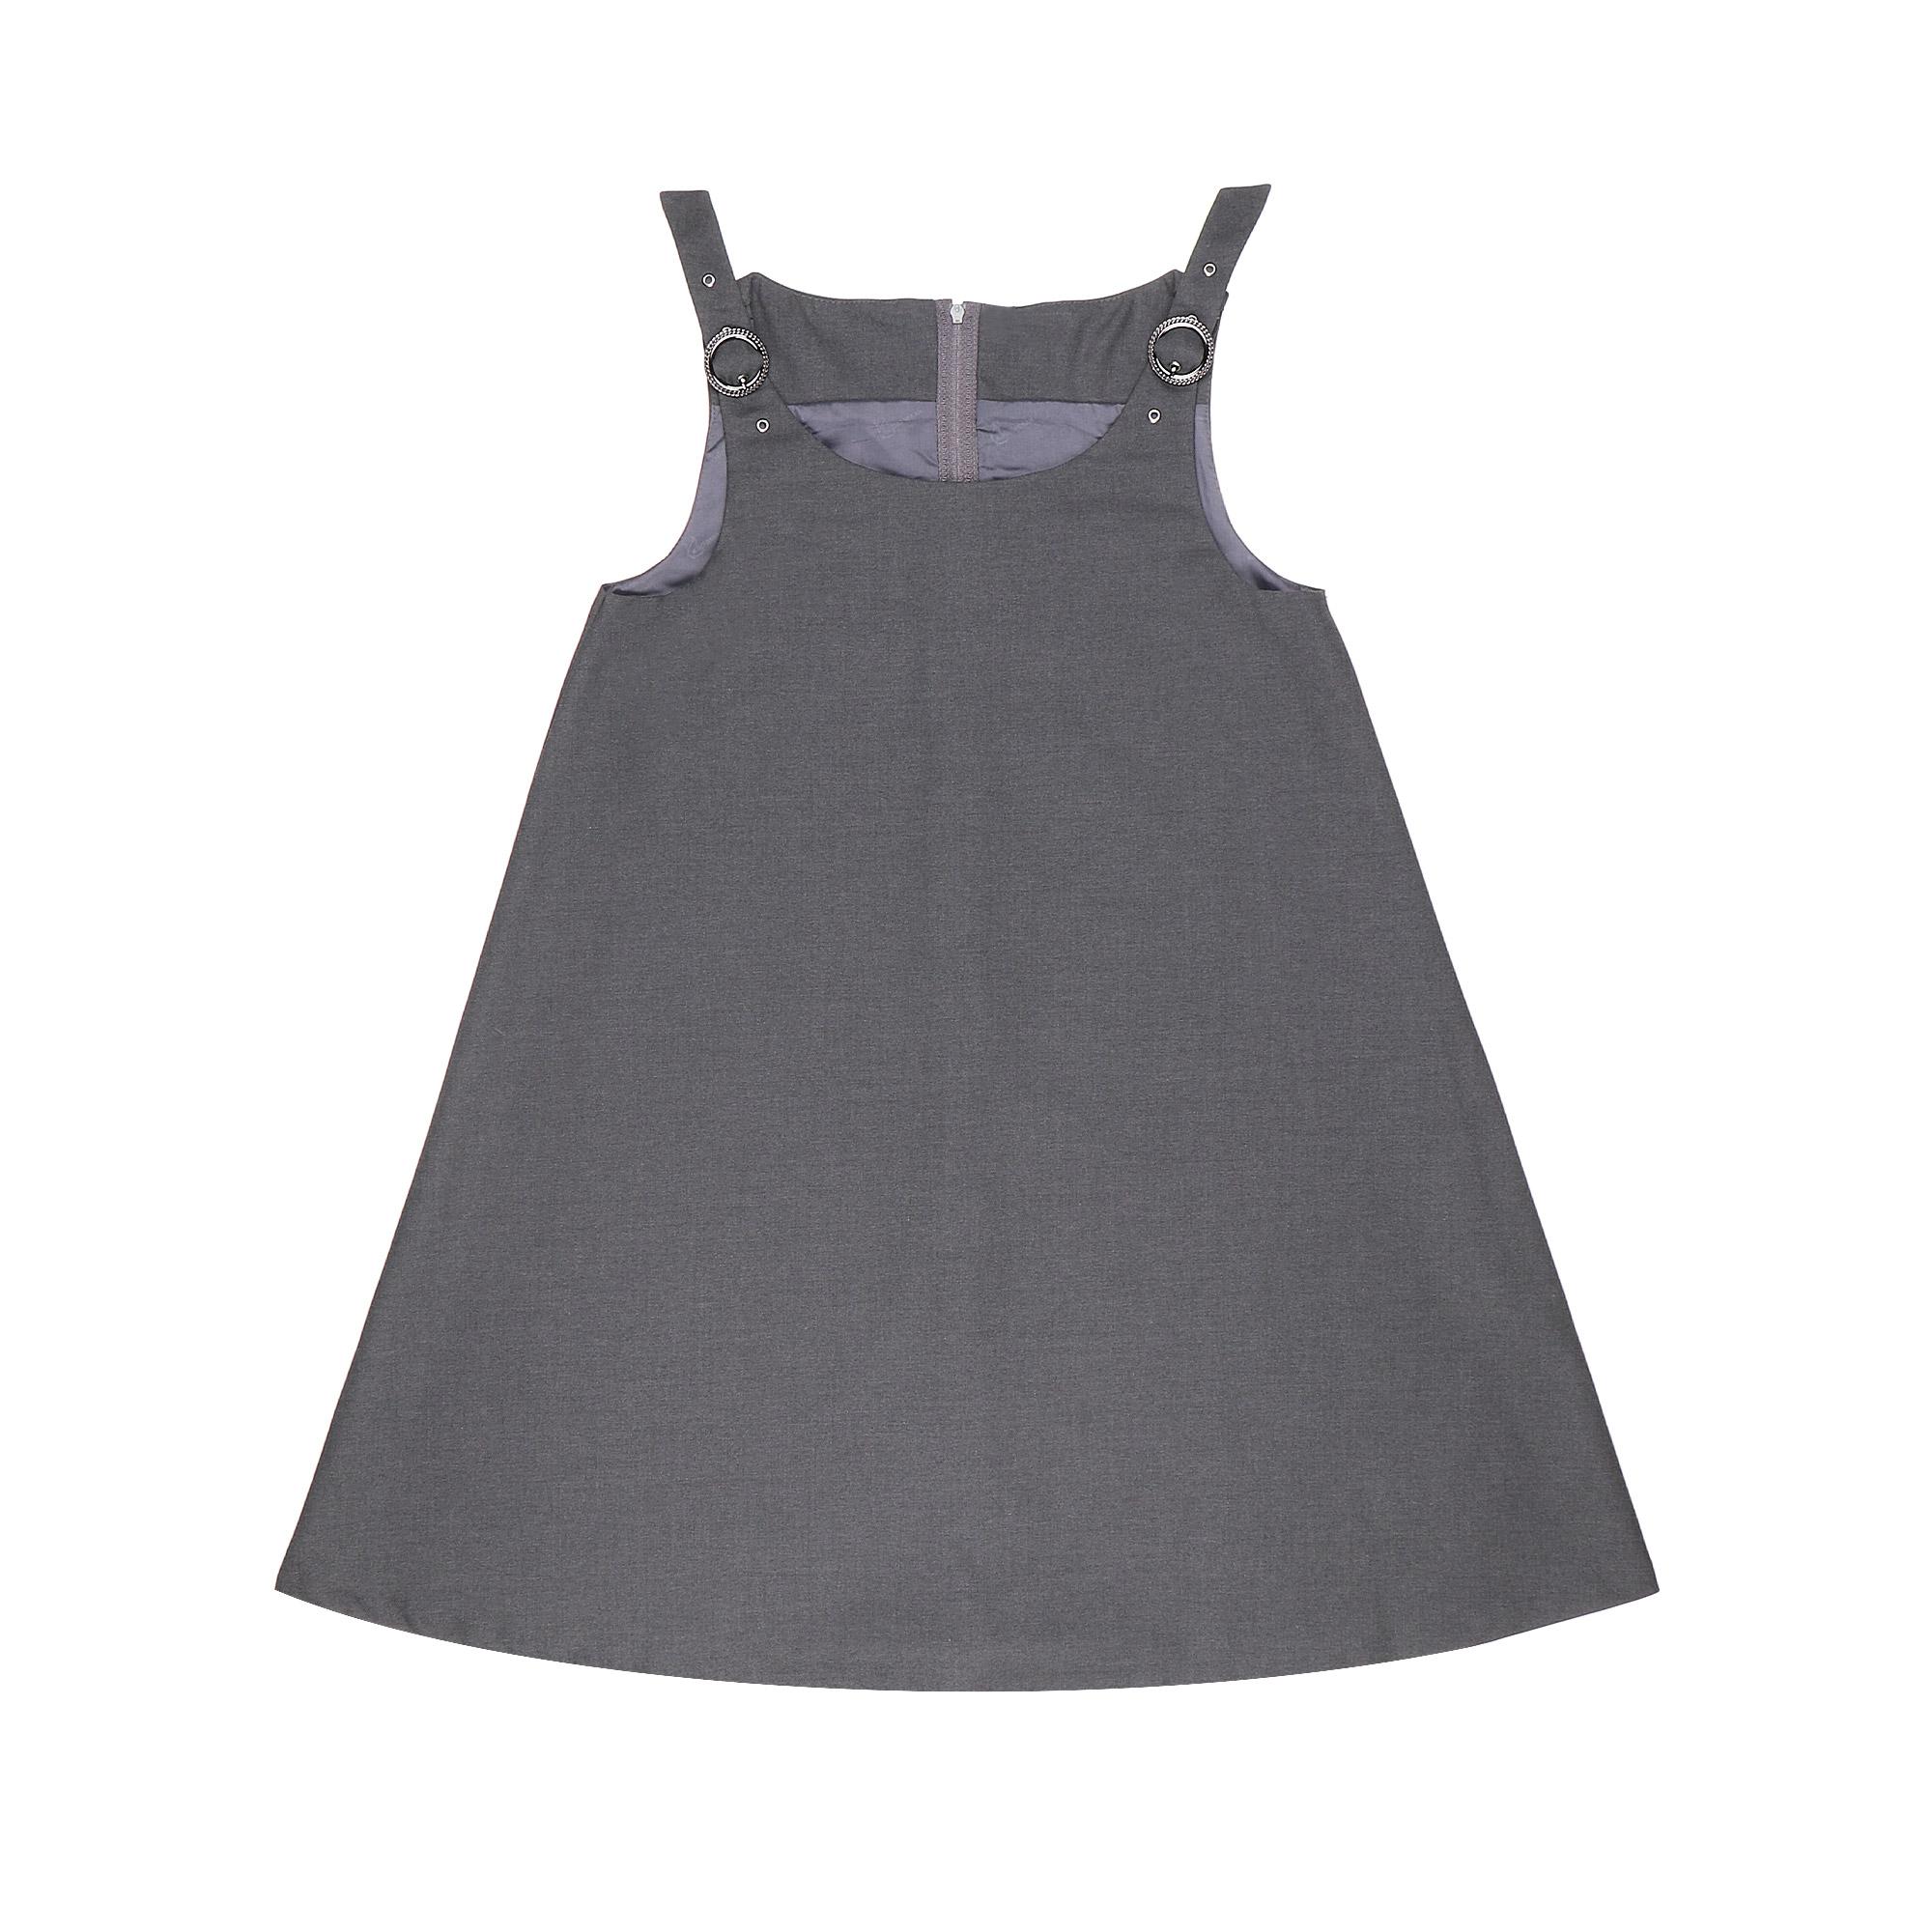 Купить Сарафан школьный КАРАМЕЛЛИ О74177 серый 116, Серый, Для девочек, Всесезонный,